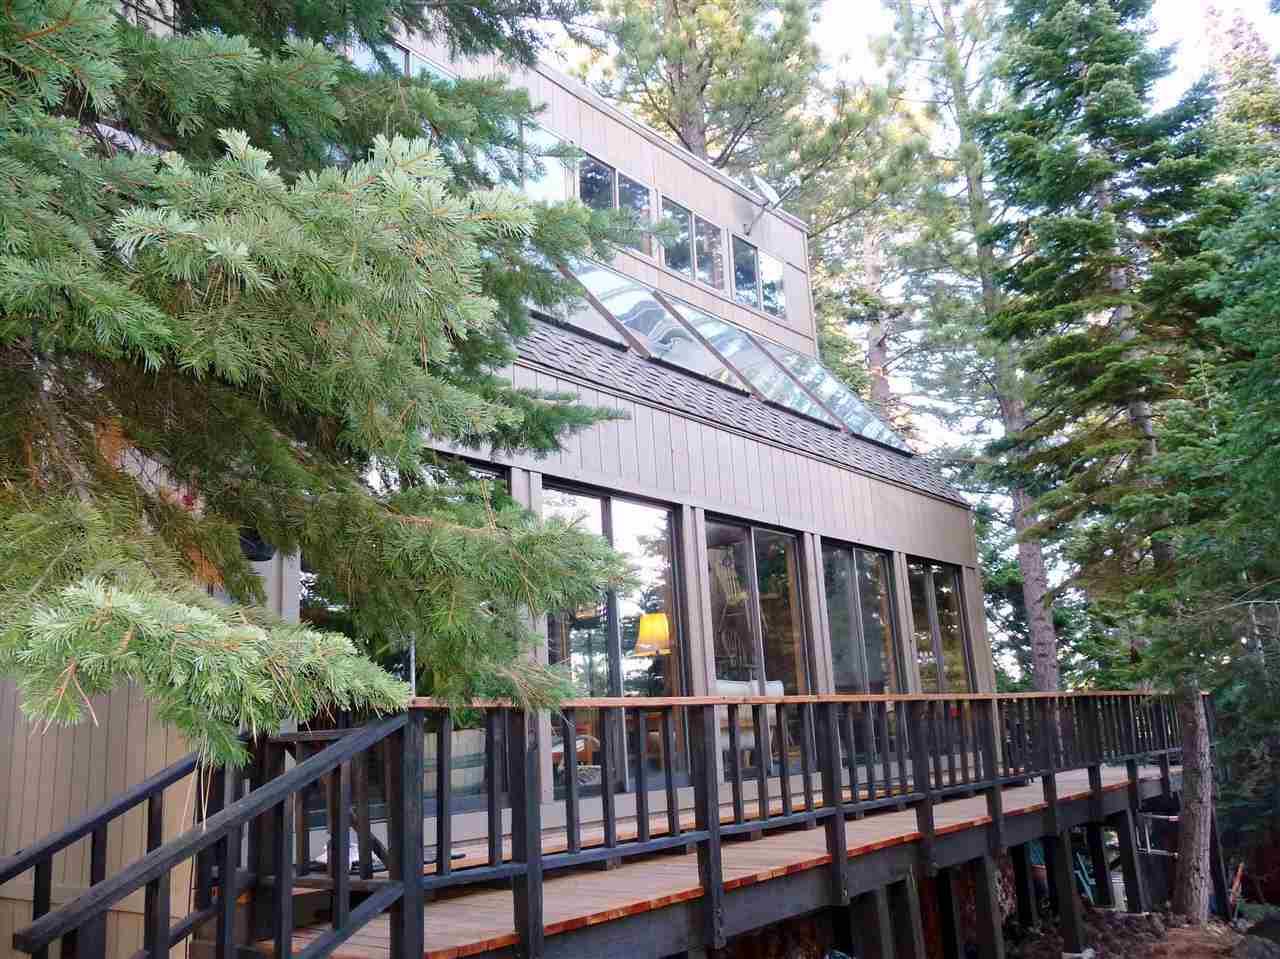 独户住宅 为 销售 在 220 Talmont Circle 塔霍湖城, 加利福尼亚州 96245 美国